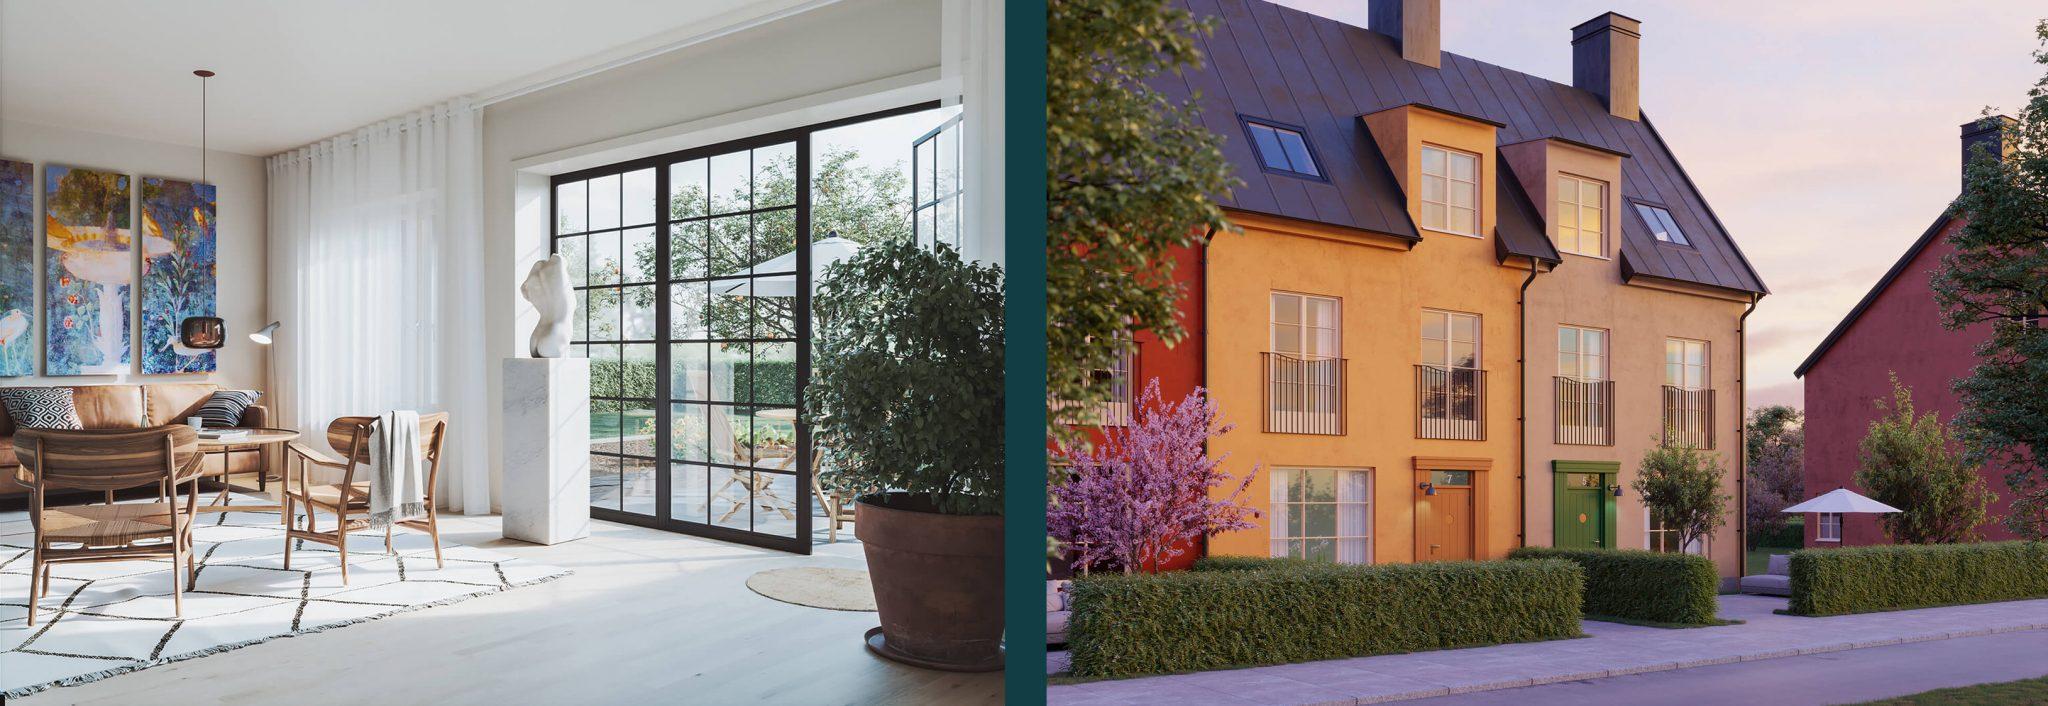 Steninge Townhouse ritat av arkitekterna på Rex till det nya bostadsområdet Steninge Slottsby.